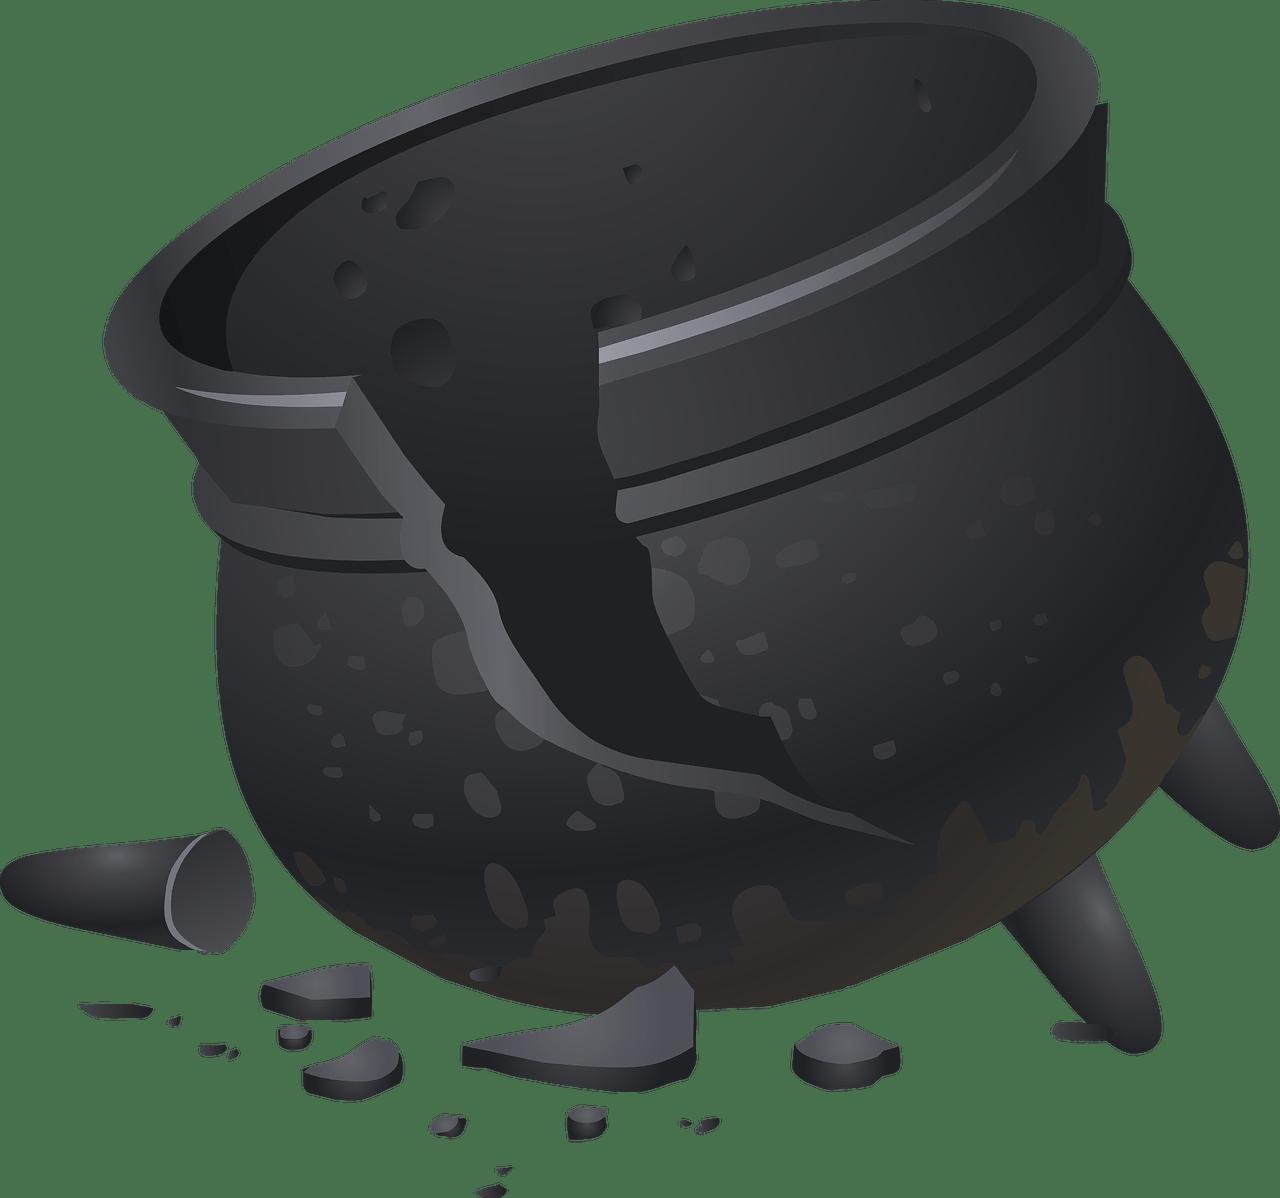 pot-575532_1280